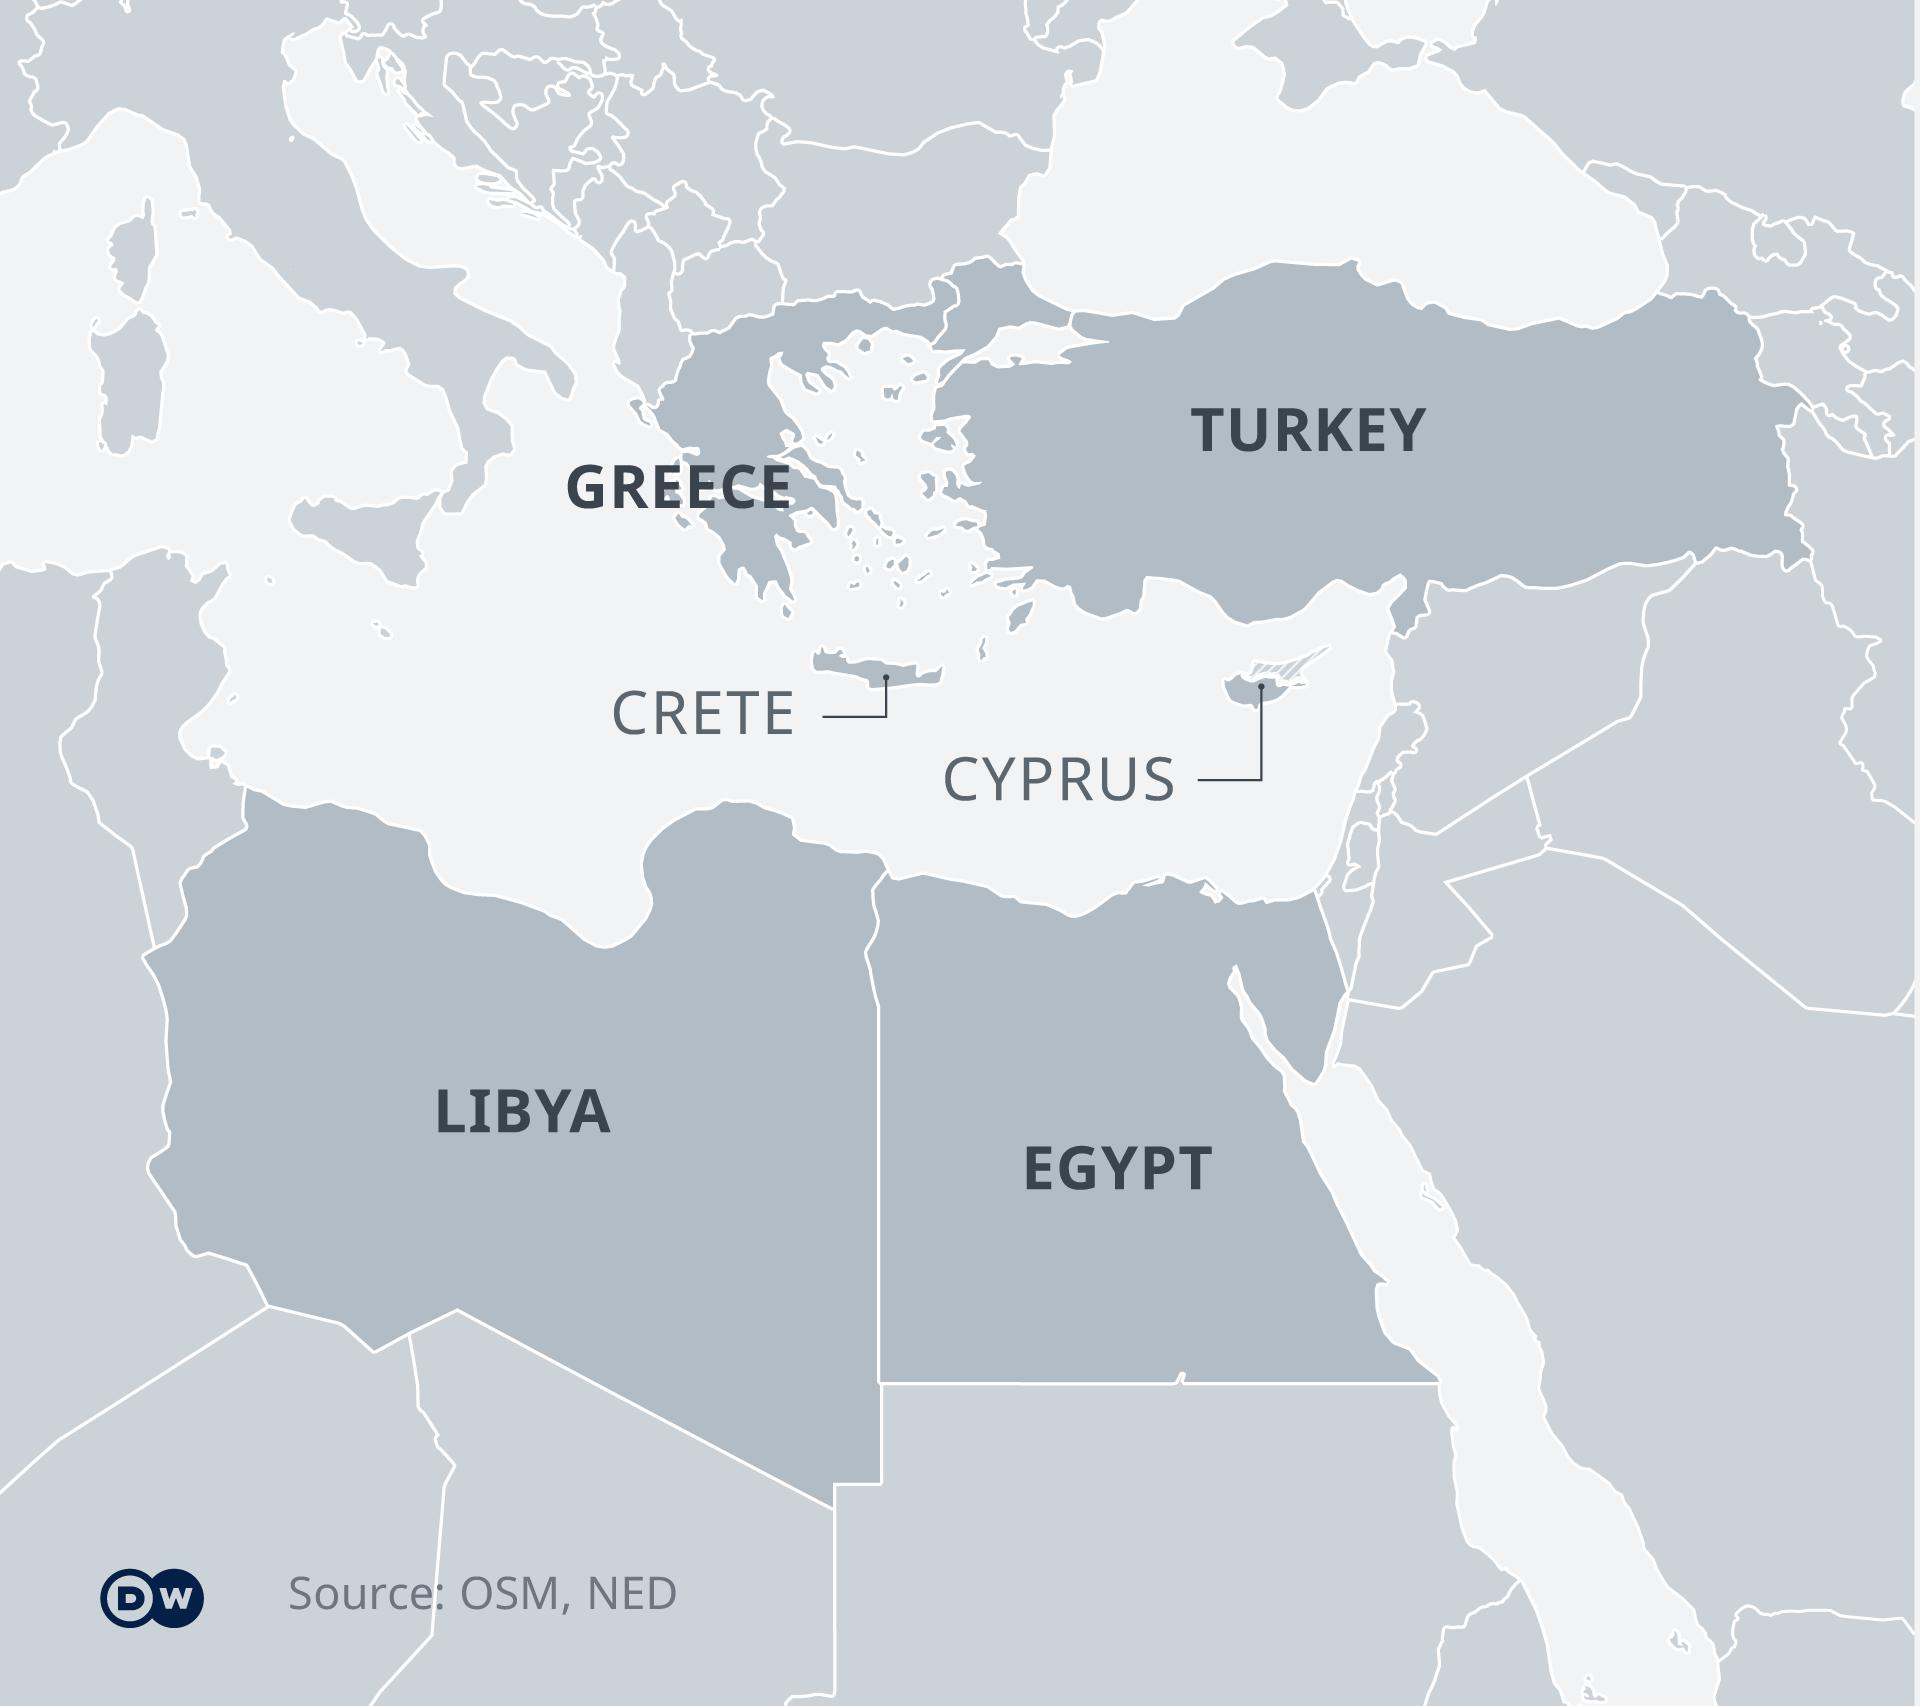 خريطة لدول التي تشترك في حدودها بالبحر المتوسط